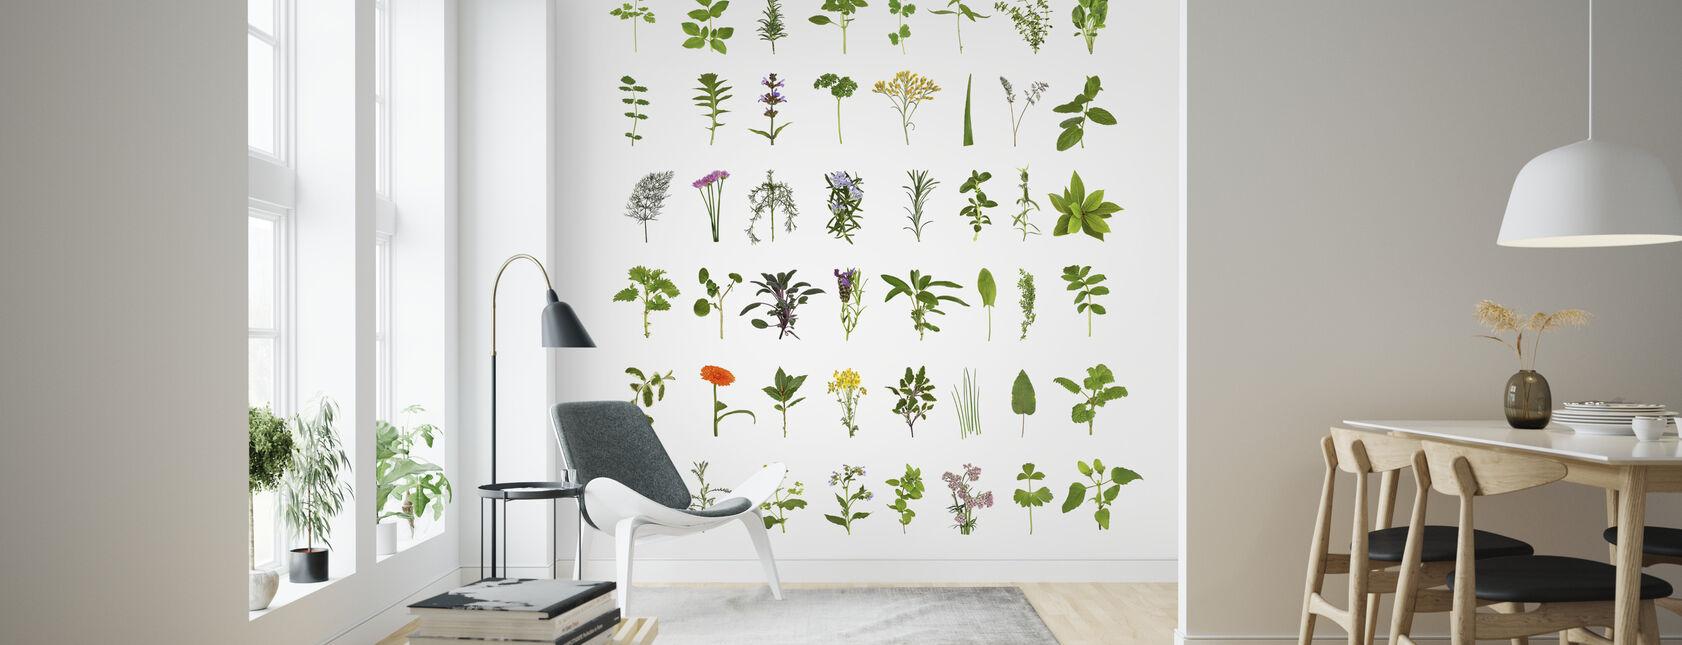 Colección Herb and Flower - Papel pintado - Salón